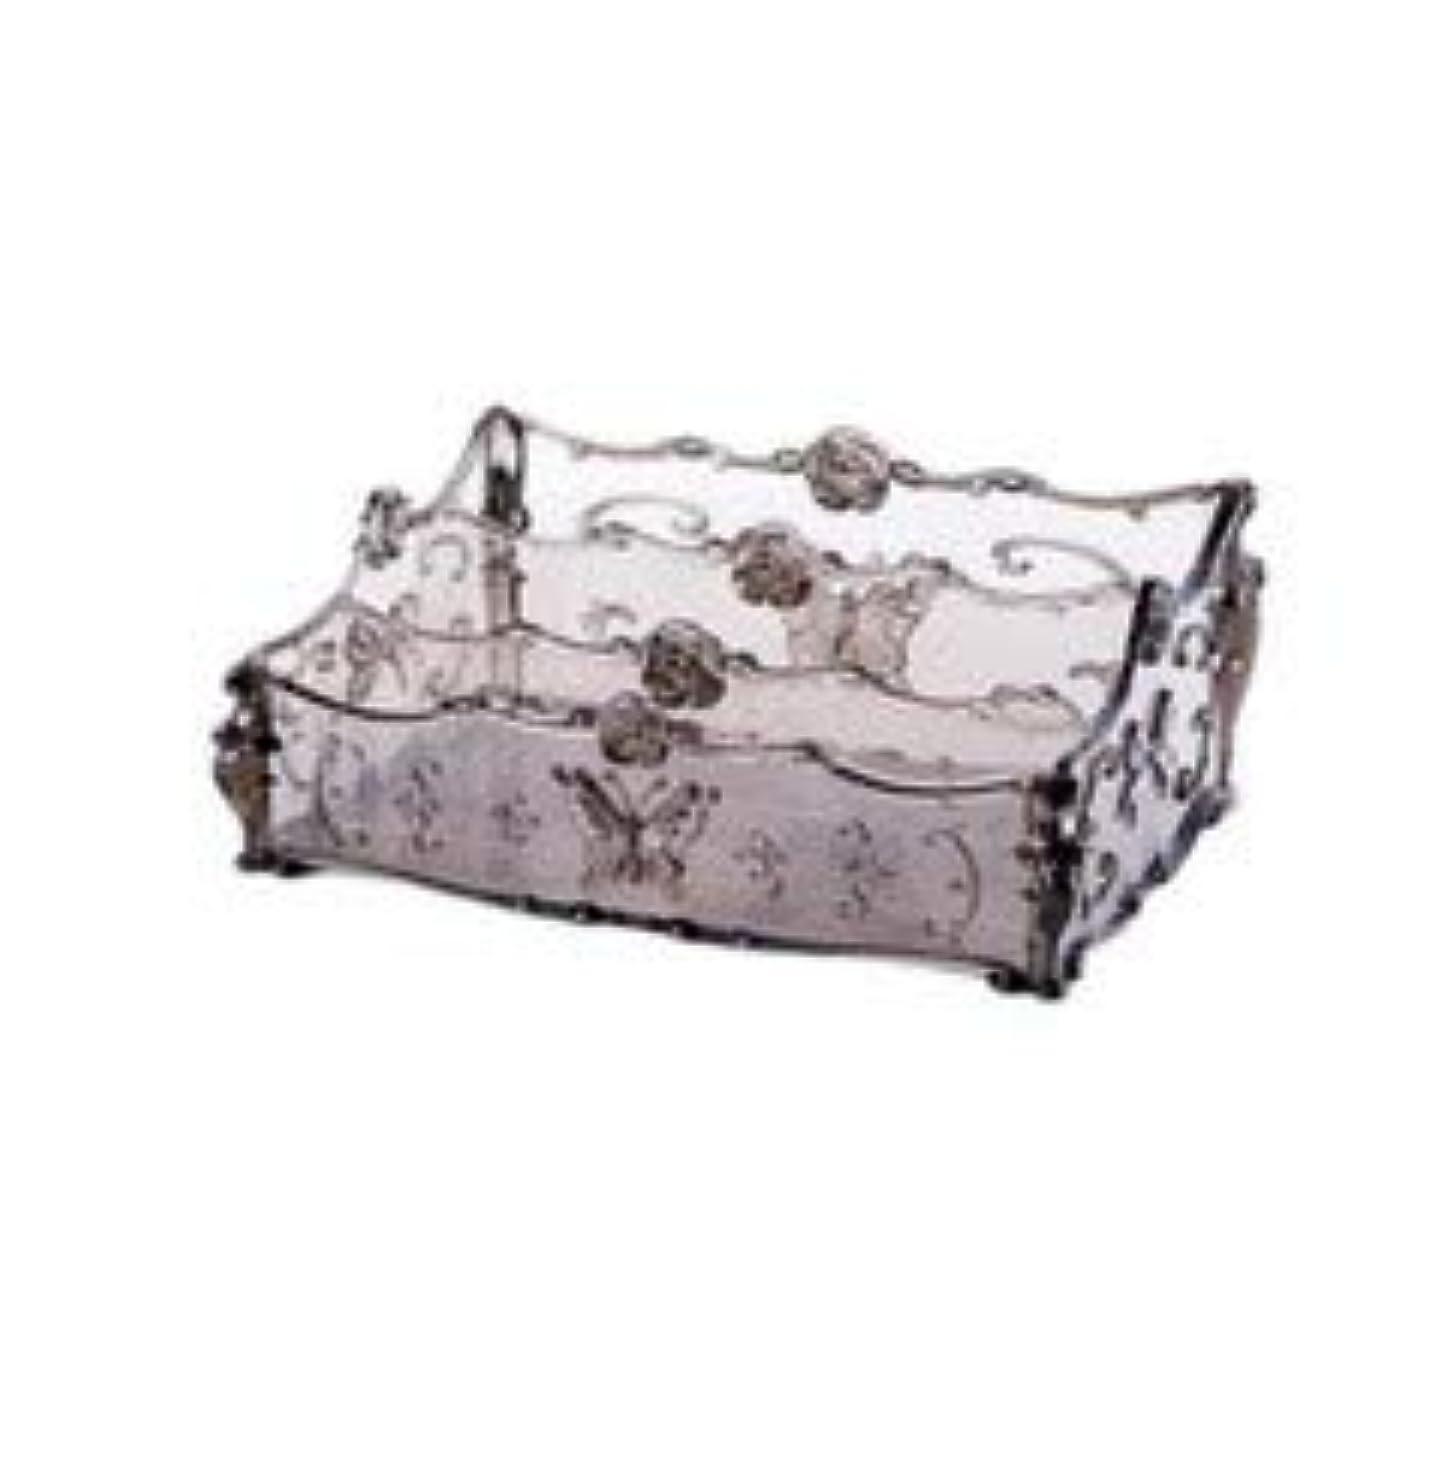 投資する打ち上げる海上フラワー彫刻デスクトップ化粧品収納ボックス化粧台透明ラック家庭用プラスチックマルチカラースキンケア製品仕上げボックス (Color : Transparent gray)